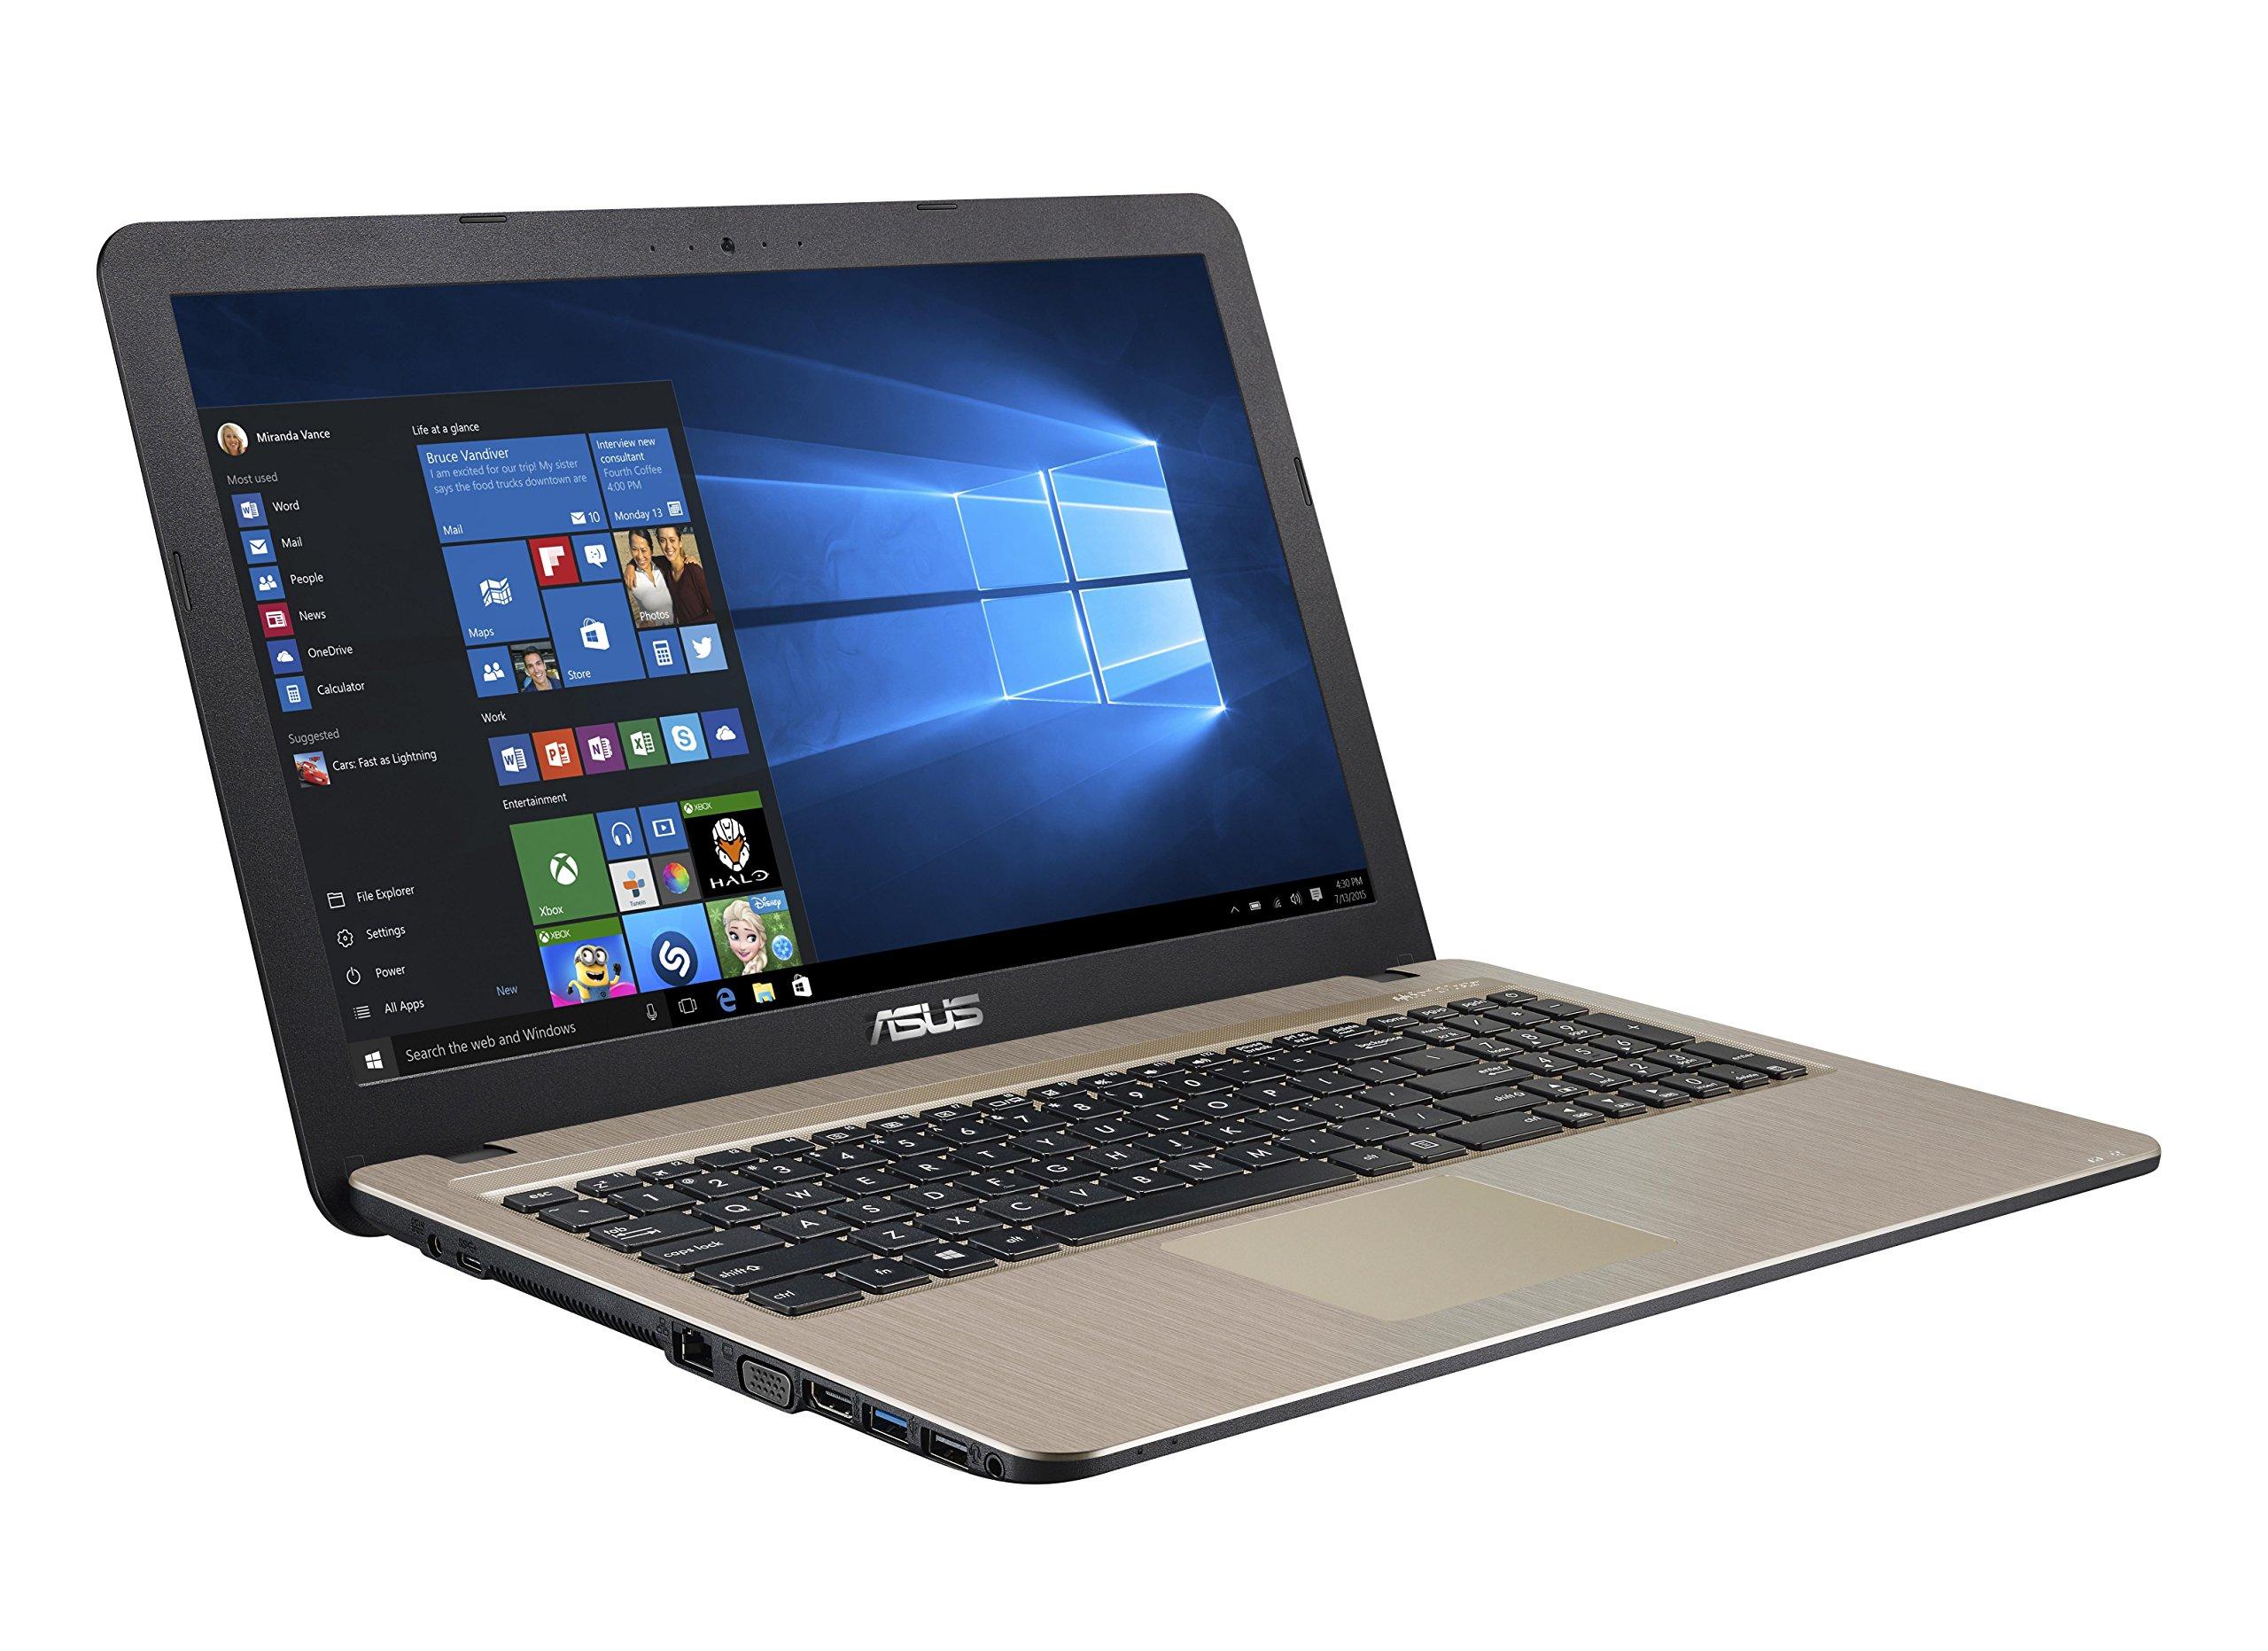 ASUS F540LA-XX274T – Ordenador portátil DE 39,6 cm (15,6 Pulgadas) (Intel Core i3 - 5005U, Memoria RAM de 8 GB, Disco Duro de 1 TB, Intel HD 5500, Windows 10 Home), Color Negro: Amazon.es: Informática